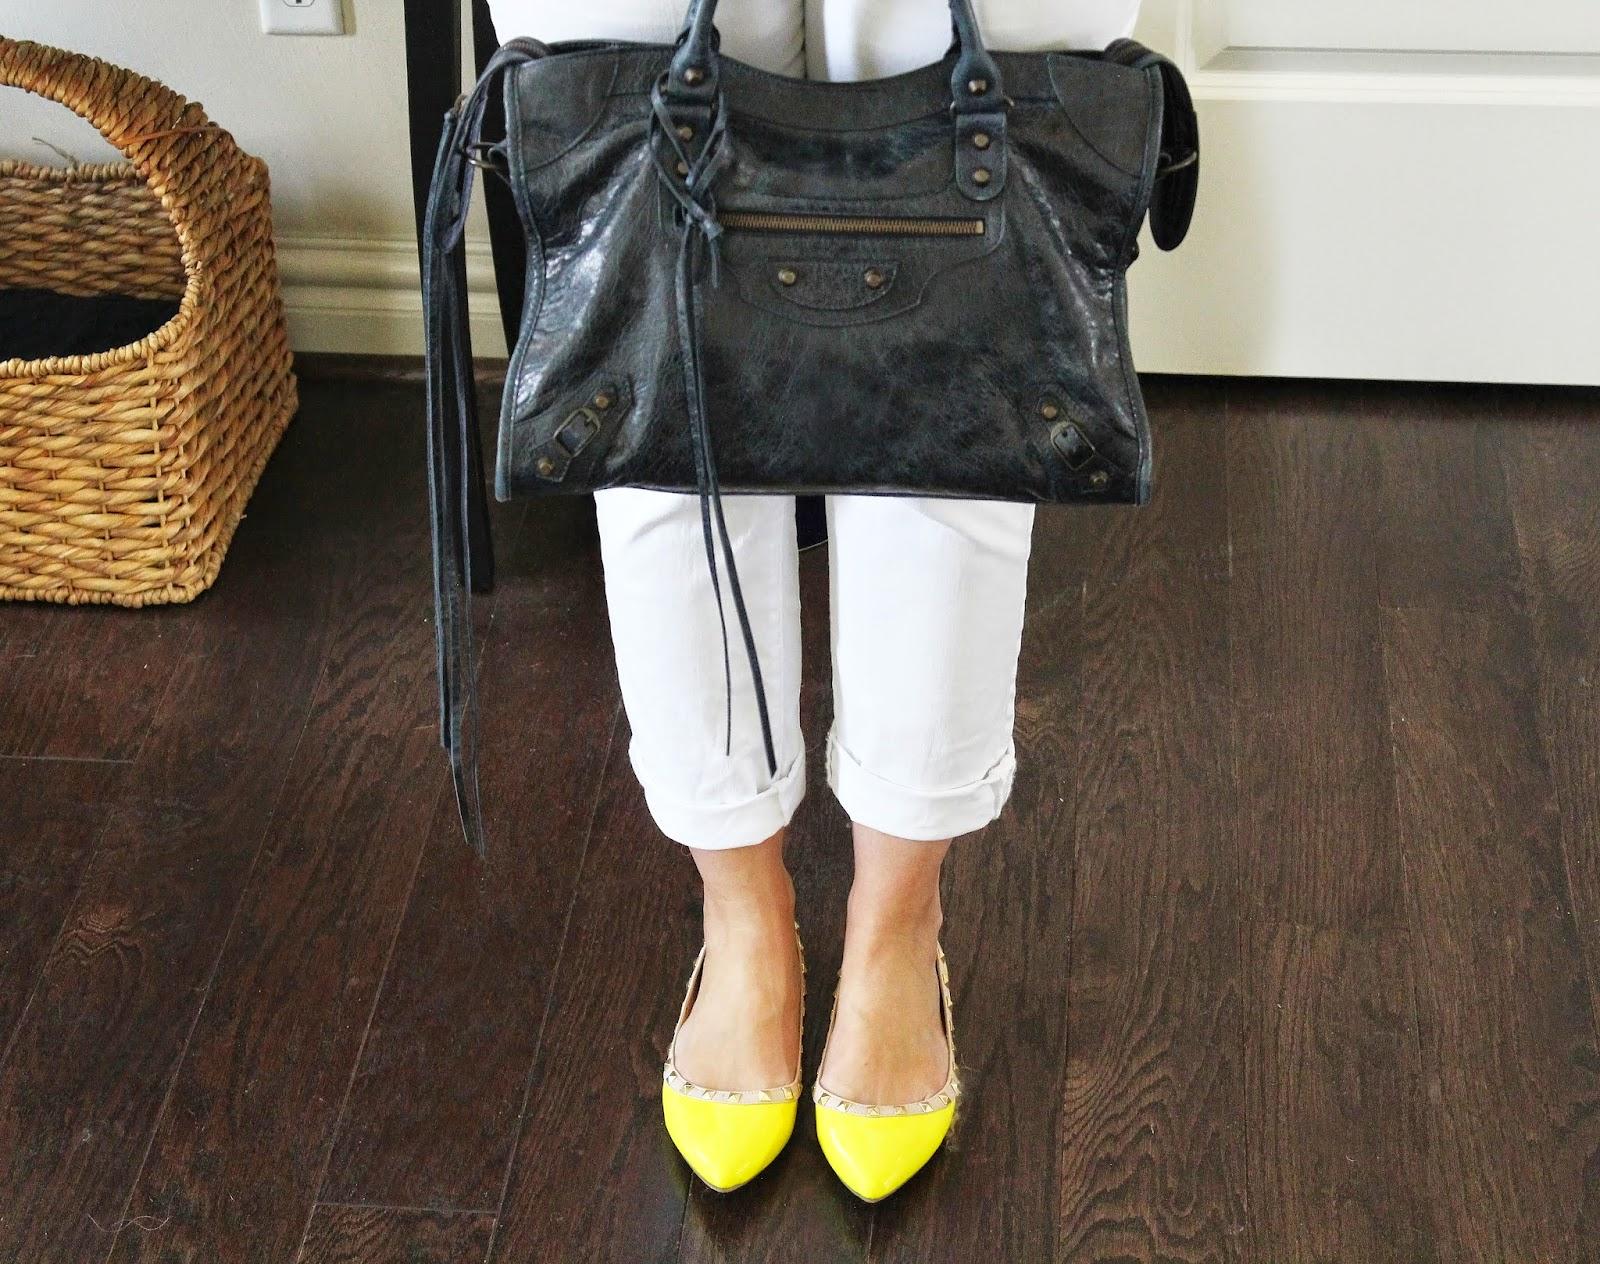 Balenciaga Handbag, Navy, Valentino Rockstud Flats, Yellow, Loft White Jeans